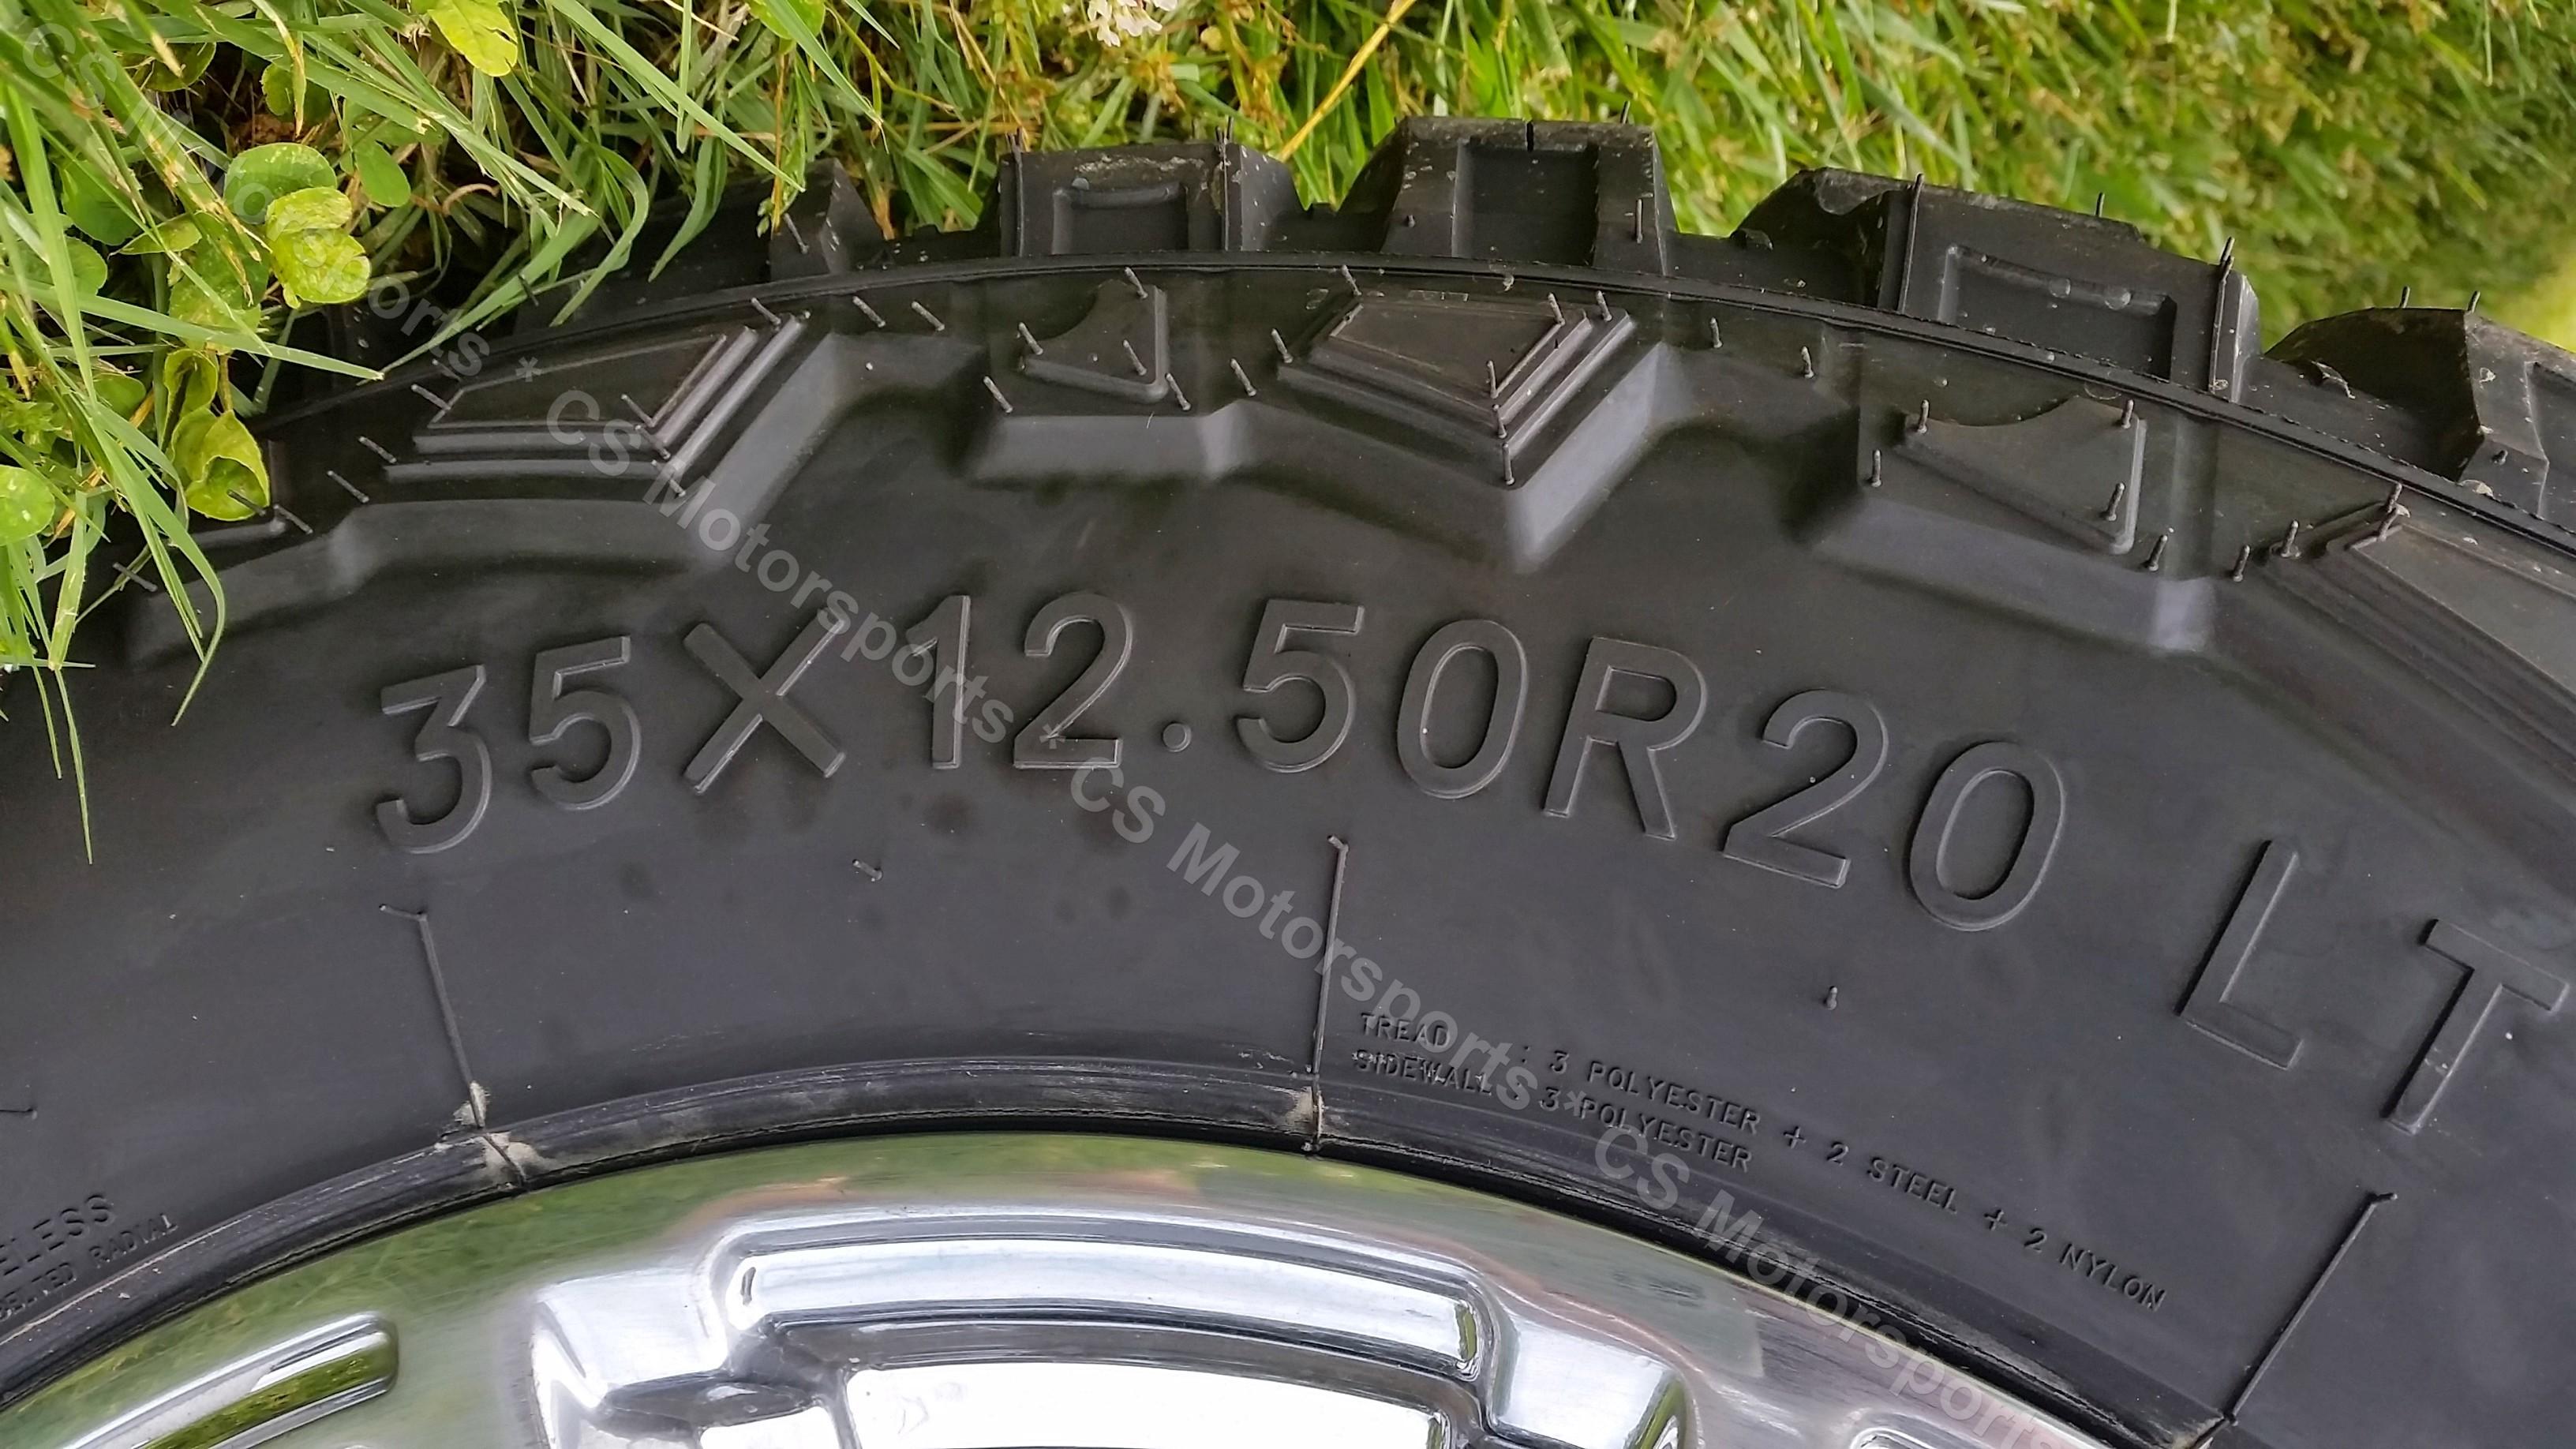 2013 Chevy Z71 4x4 (892)